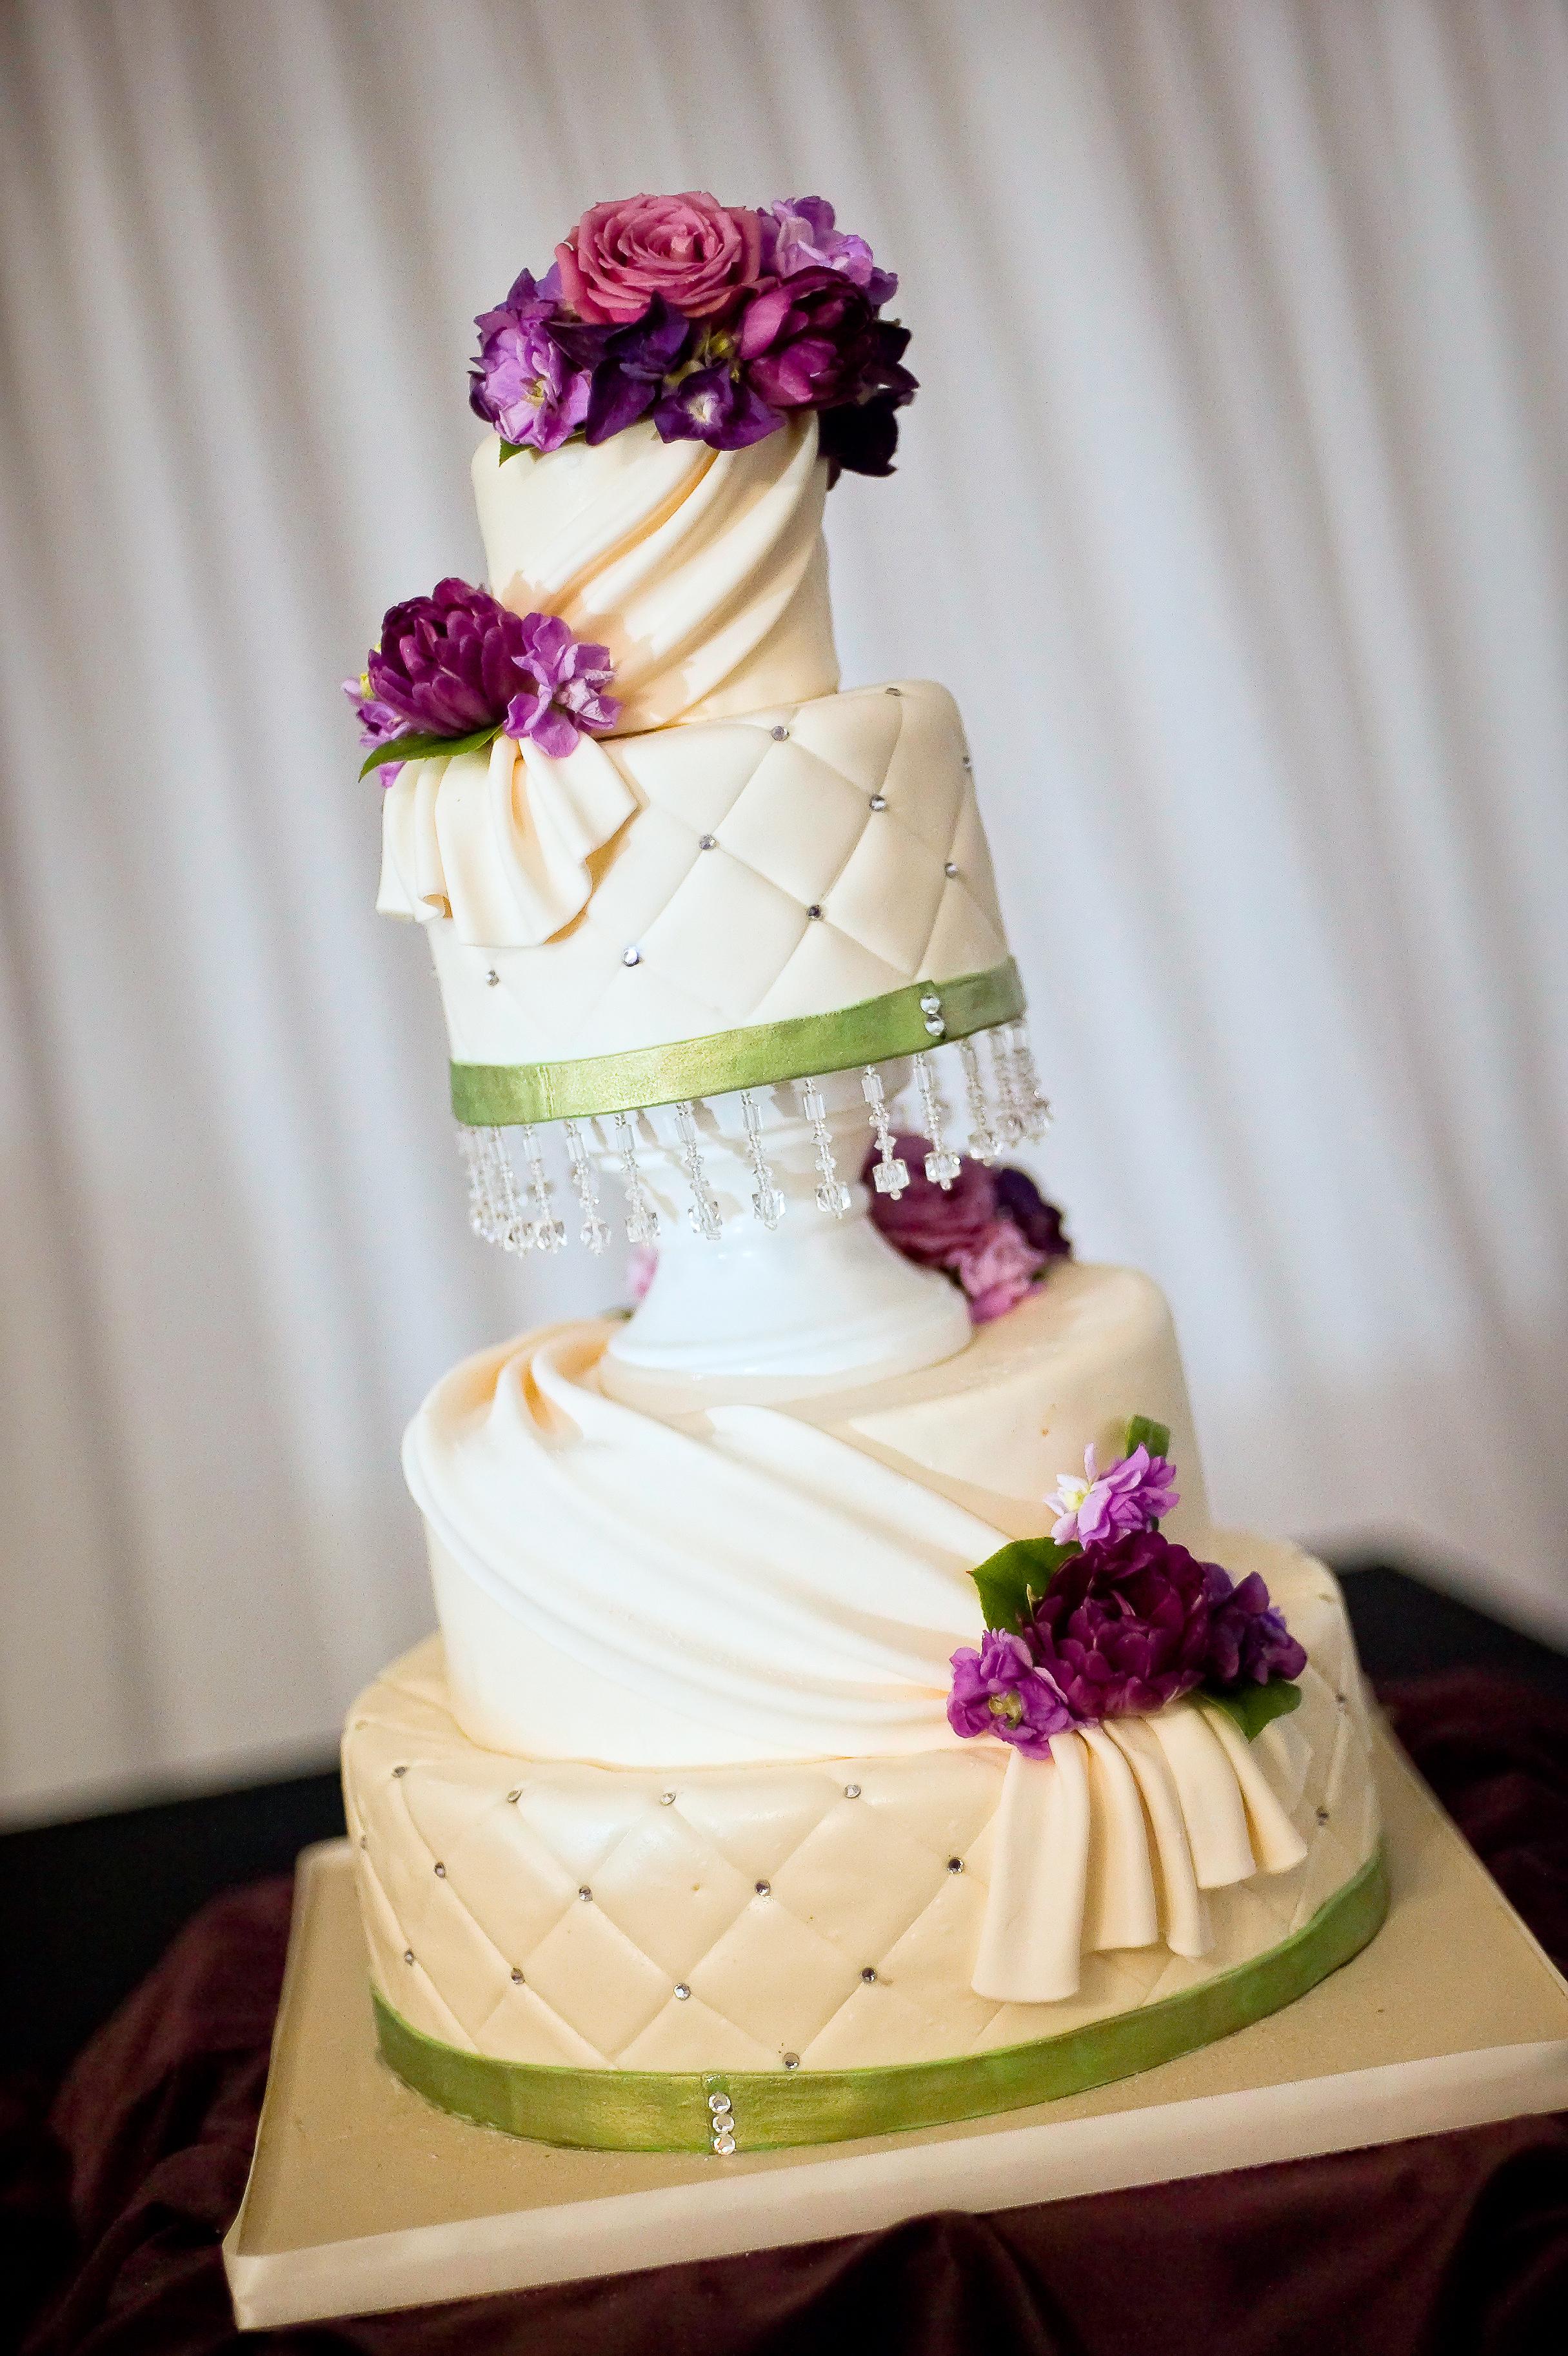 Wedding Cake, CakeGoodness